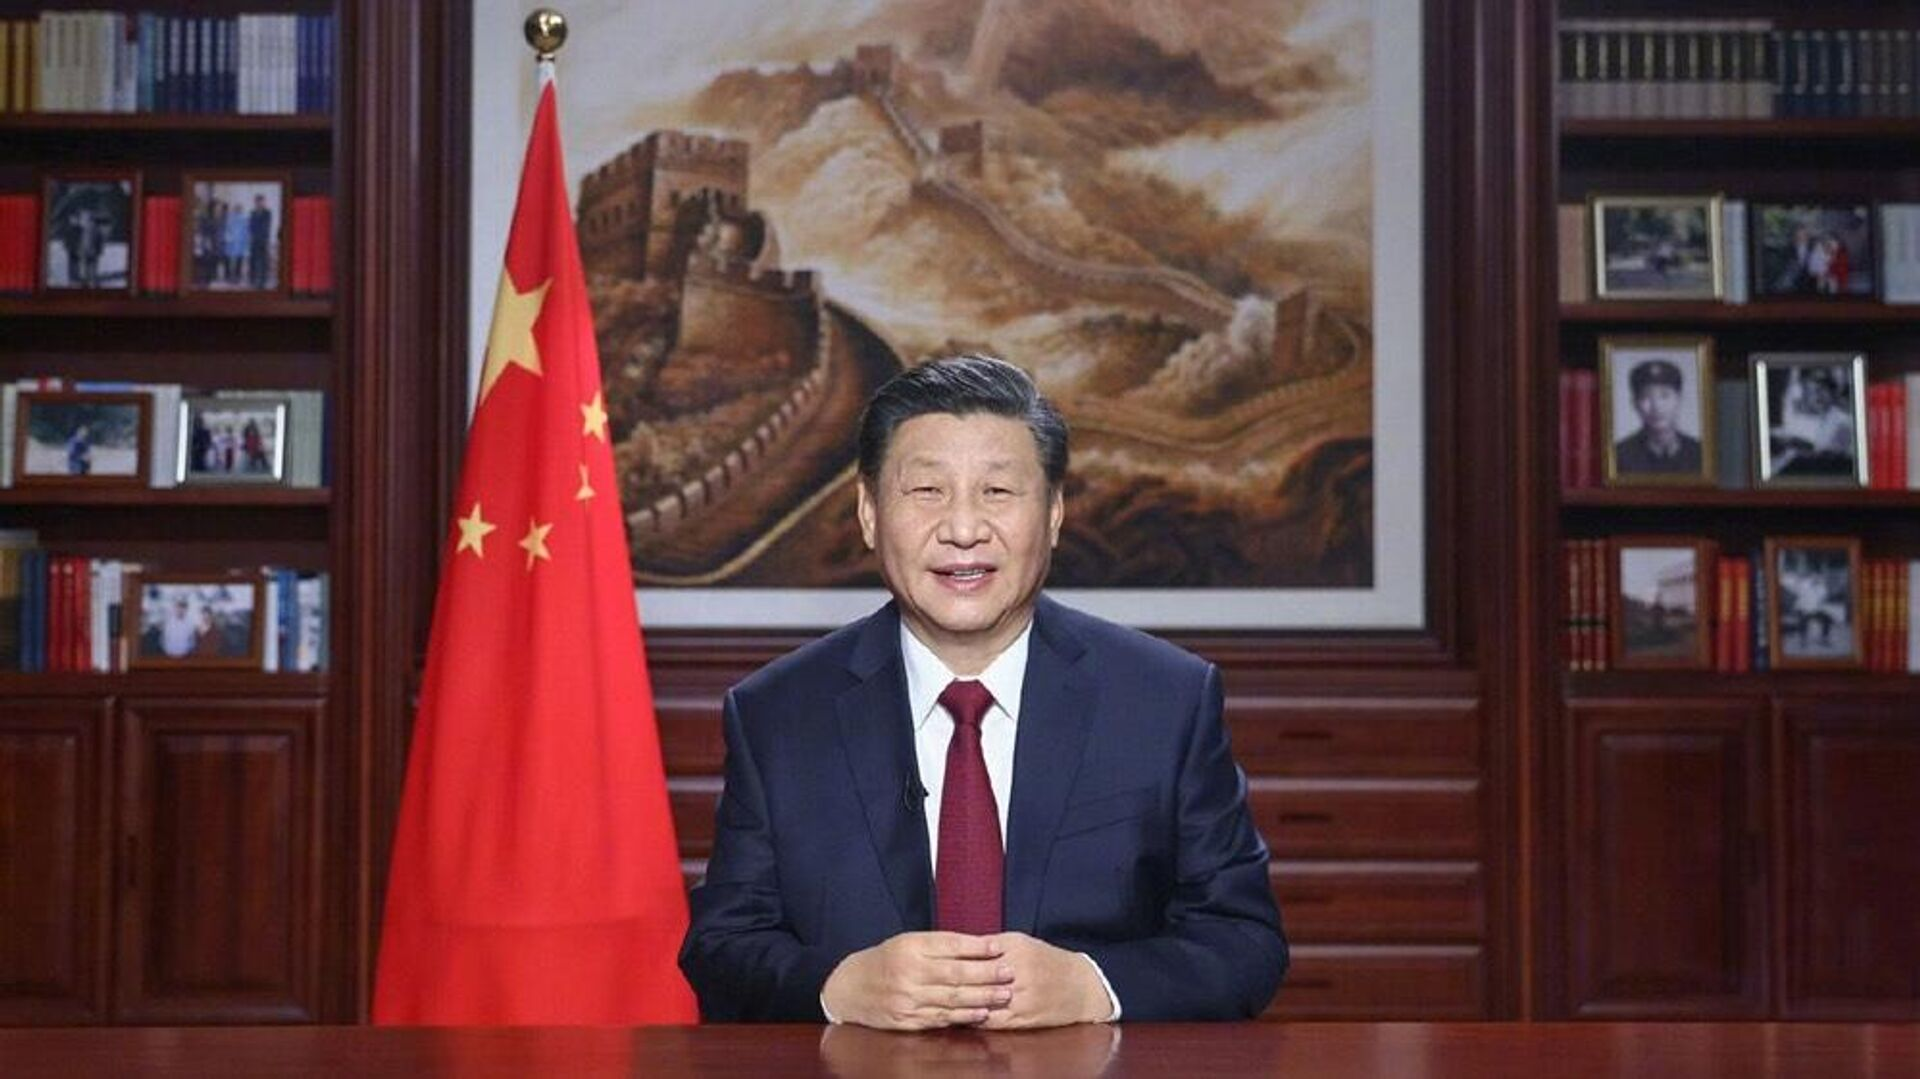 Председатель КНР Си Цзиньпин поздравил китайскую нацию и народы всего мира с наступающим 2021 годом - РИА Новости, 1920, 25.01.2021